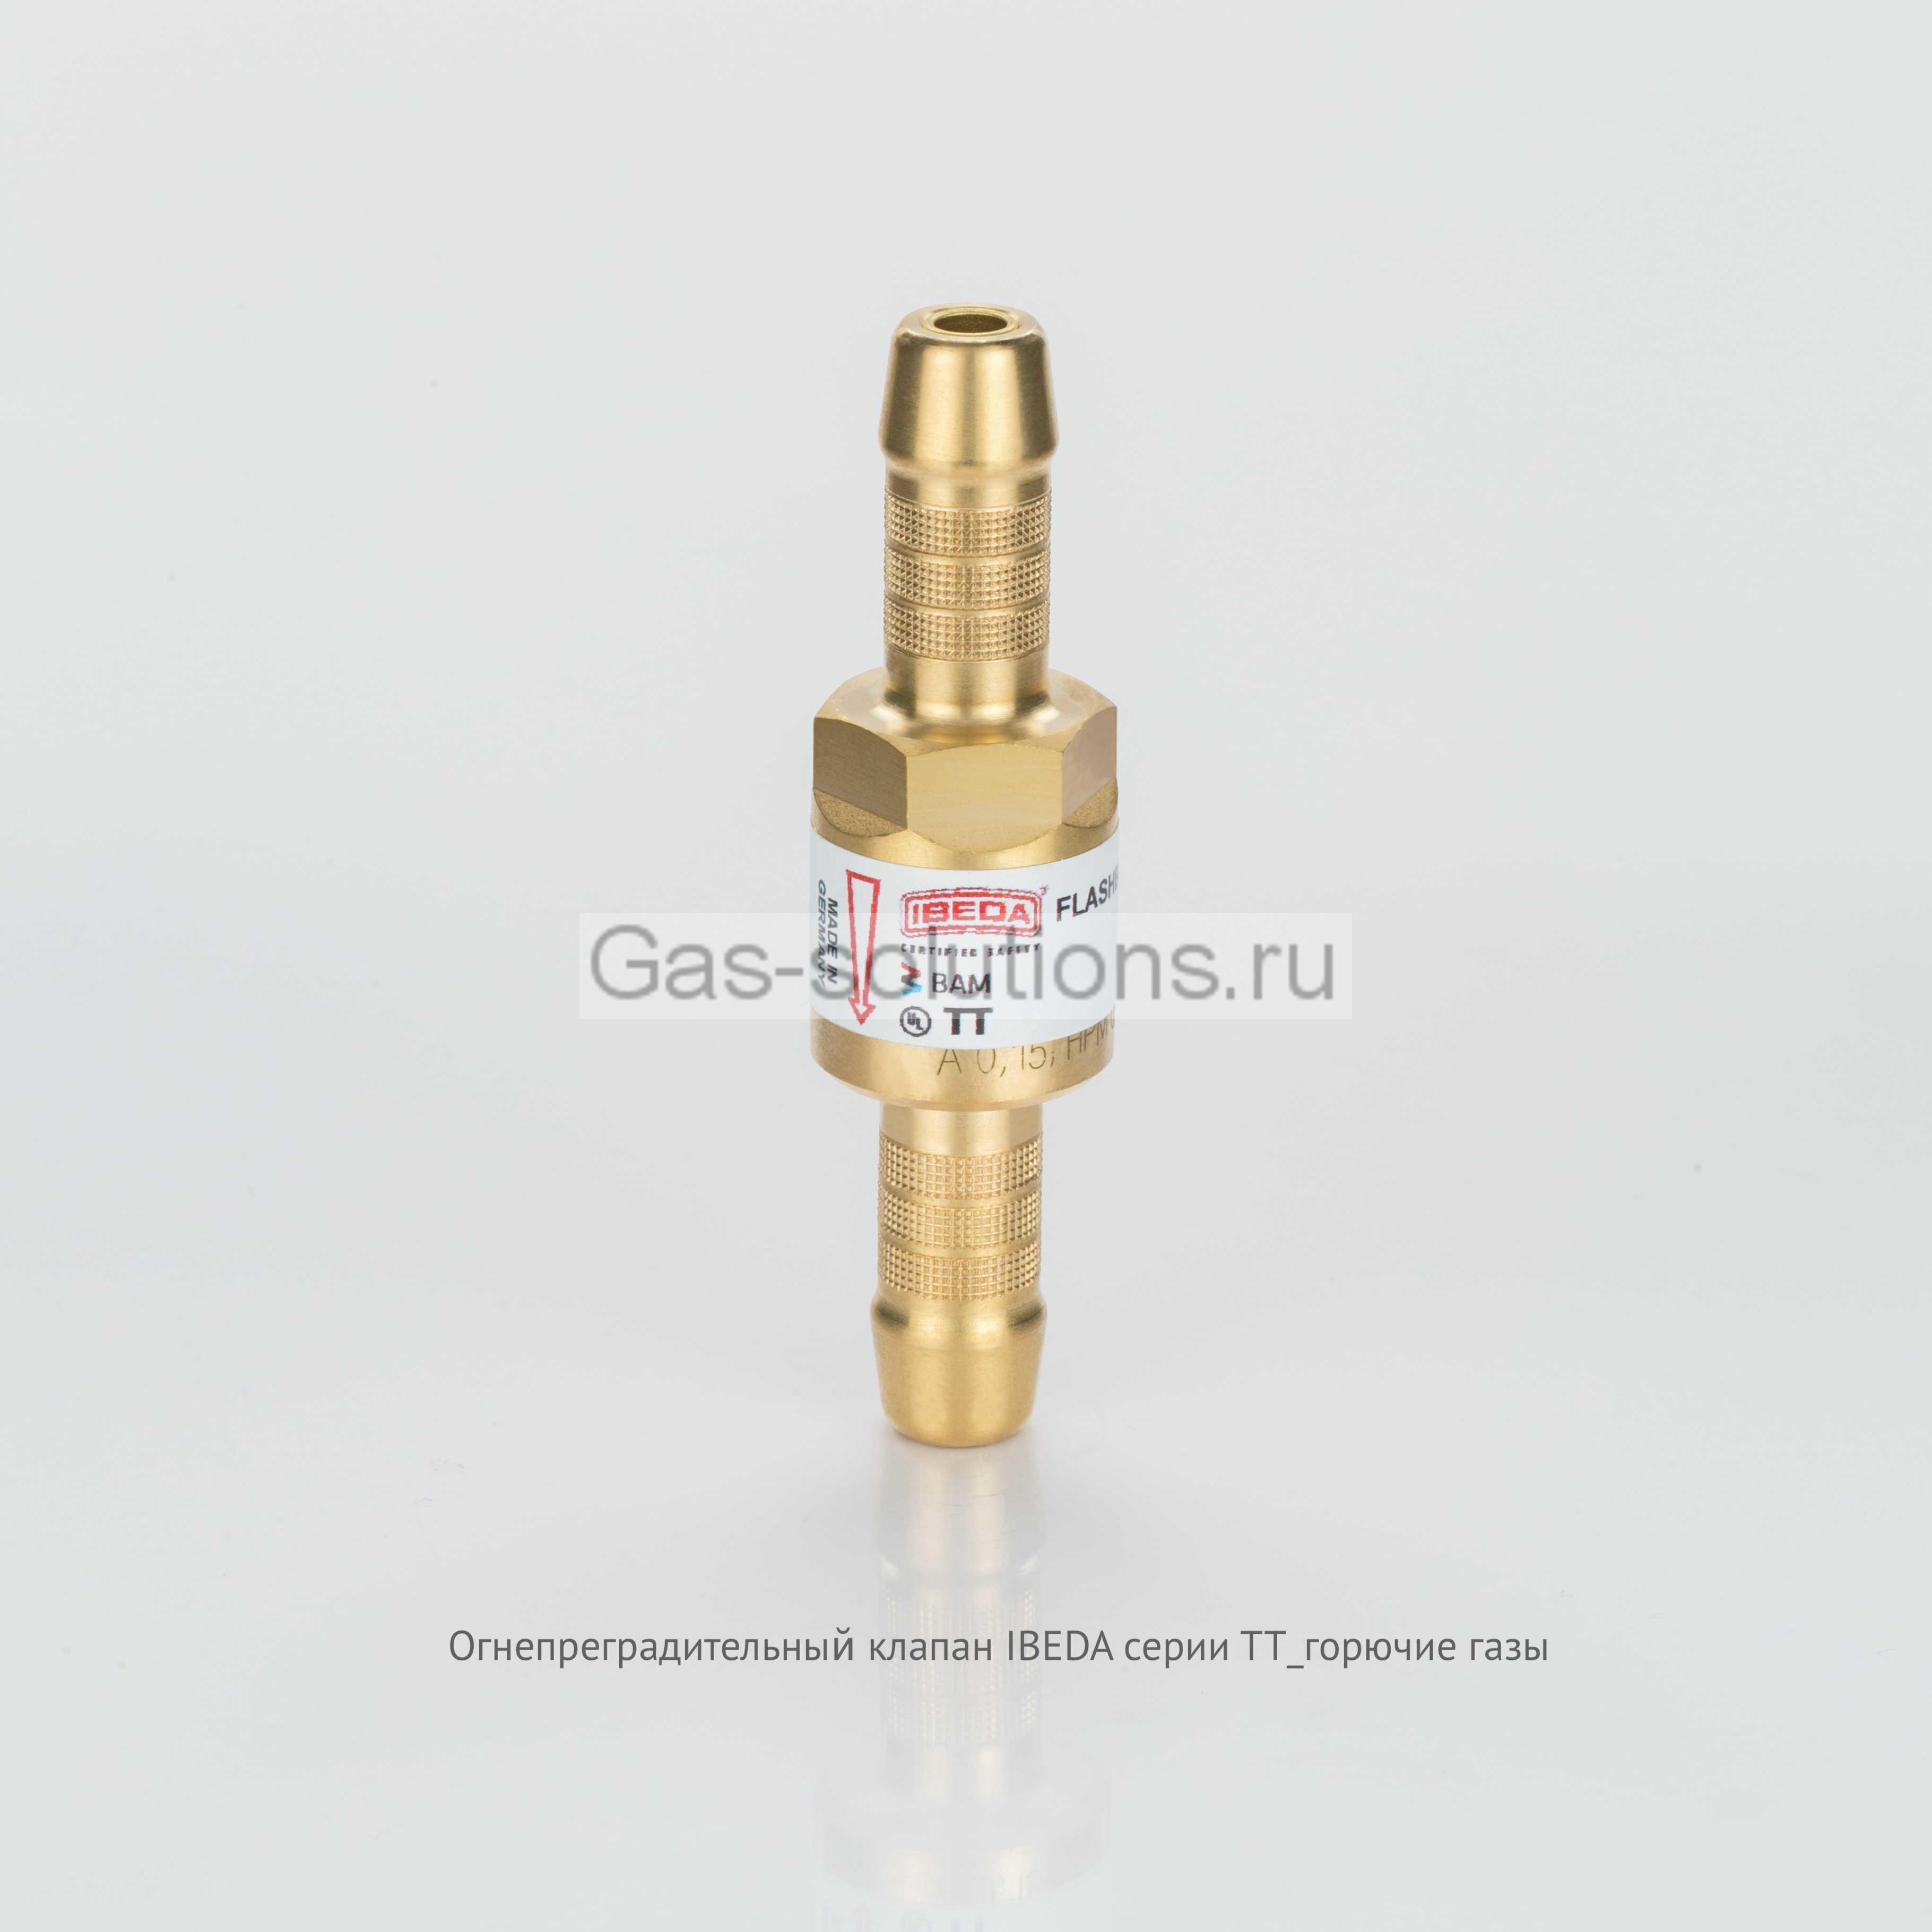 Огнепреградительный клапан IBEDA серии TT_горючие газы